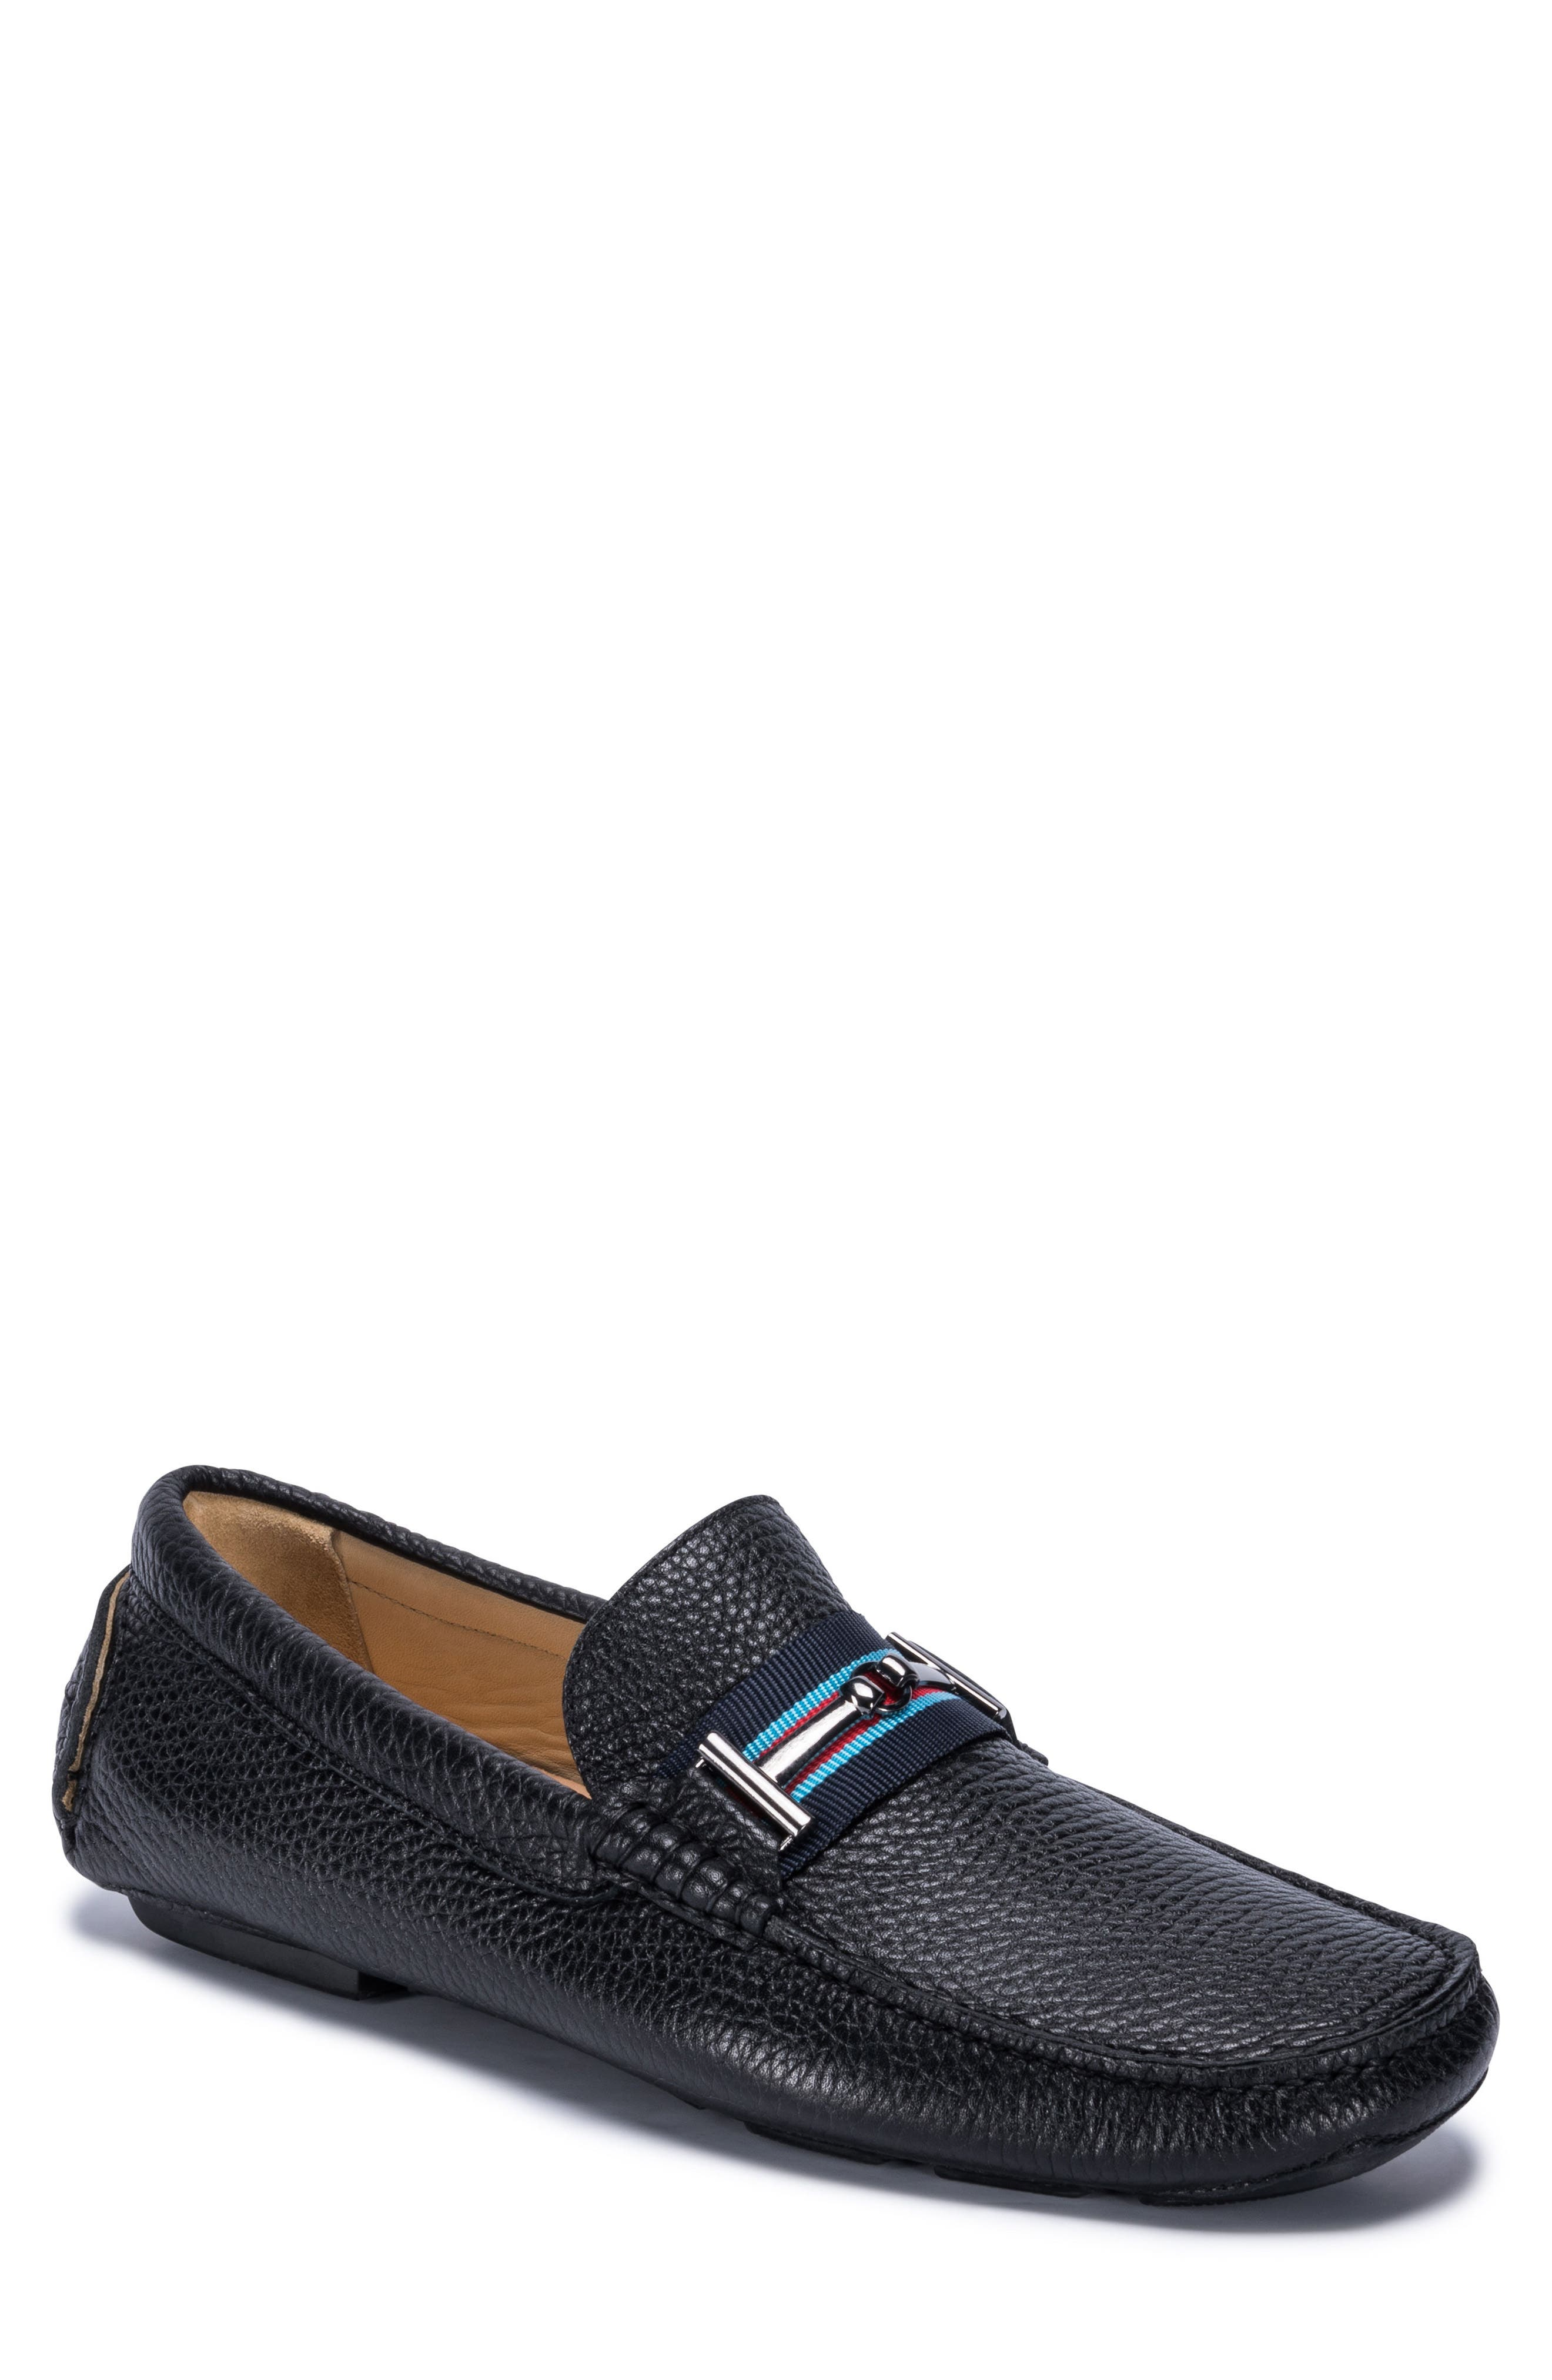 Monza Driving Shoe,                         Main,                         color, 001